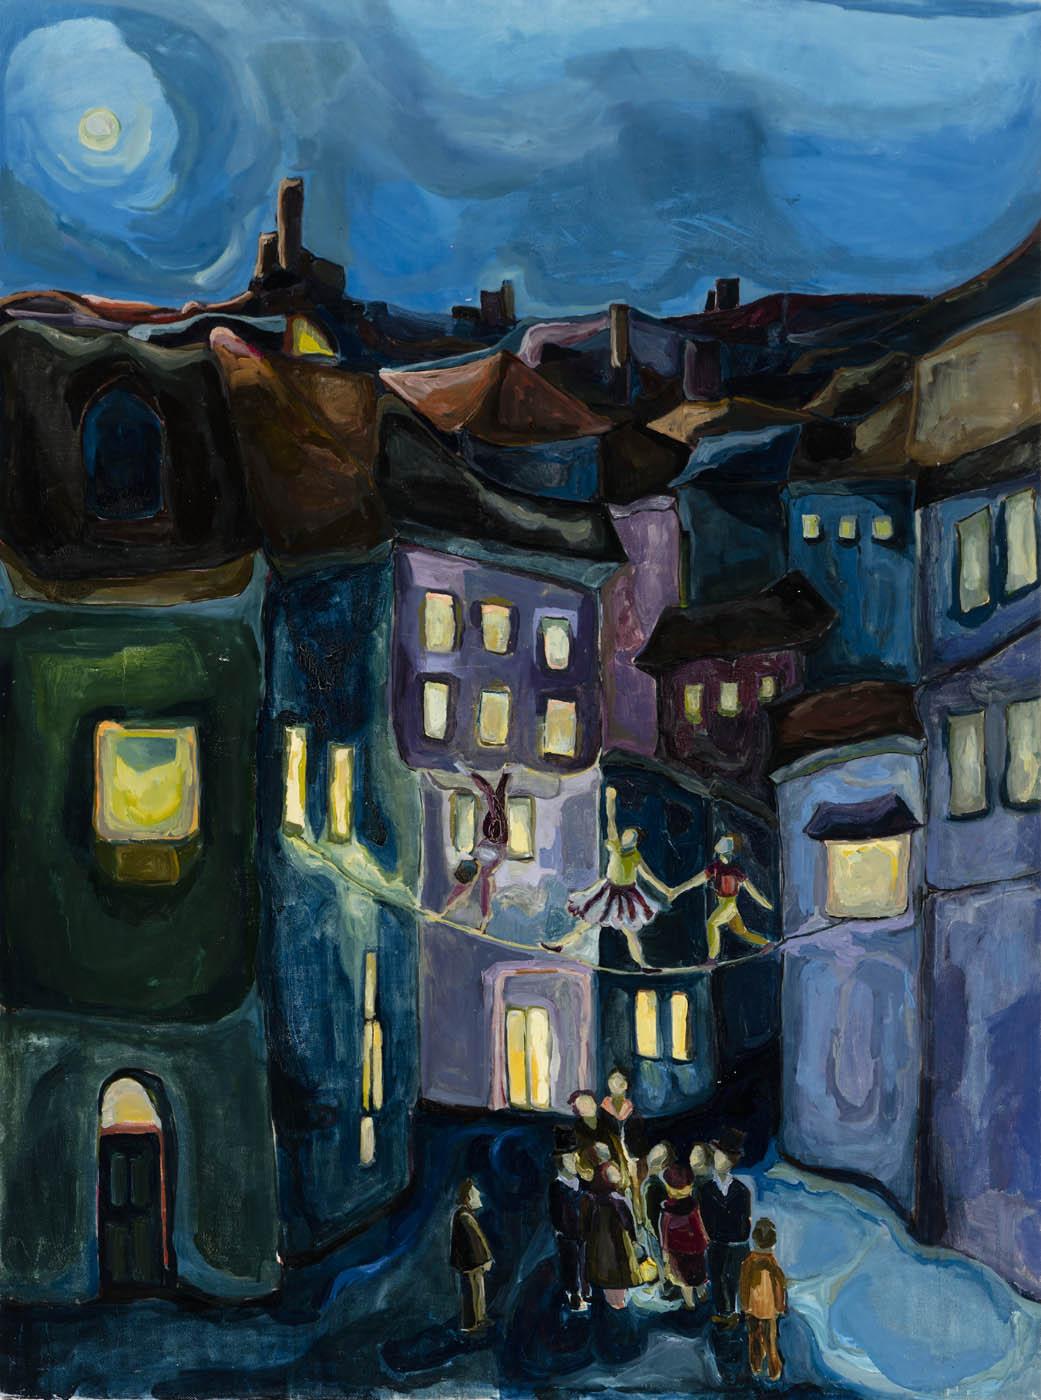 Olivia N. Nucci - Last Night's Collaboration